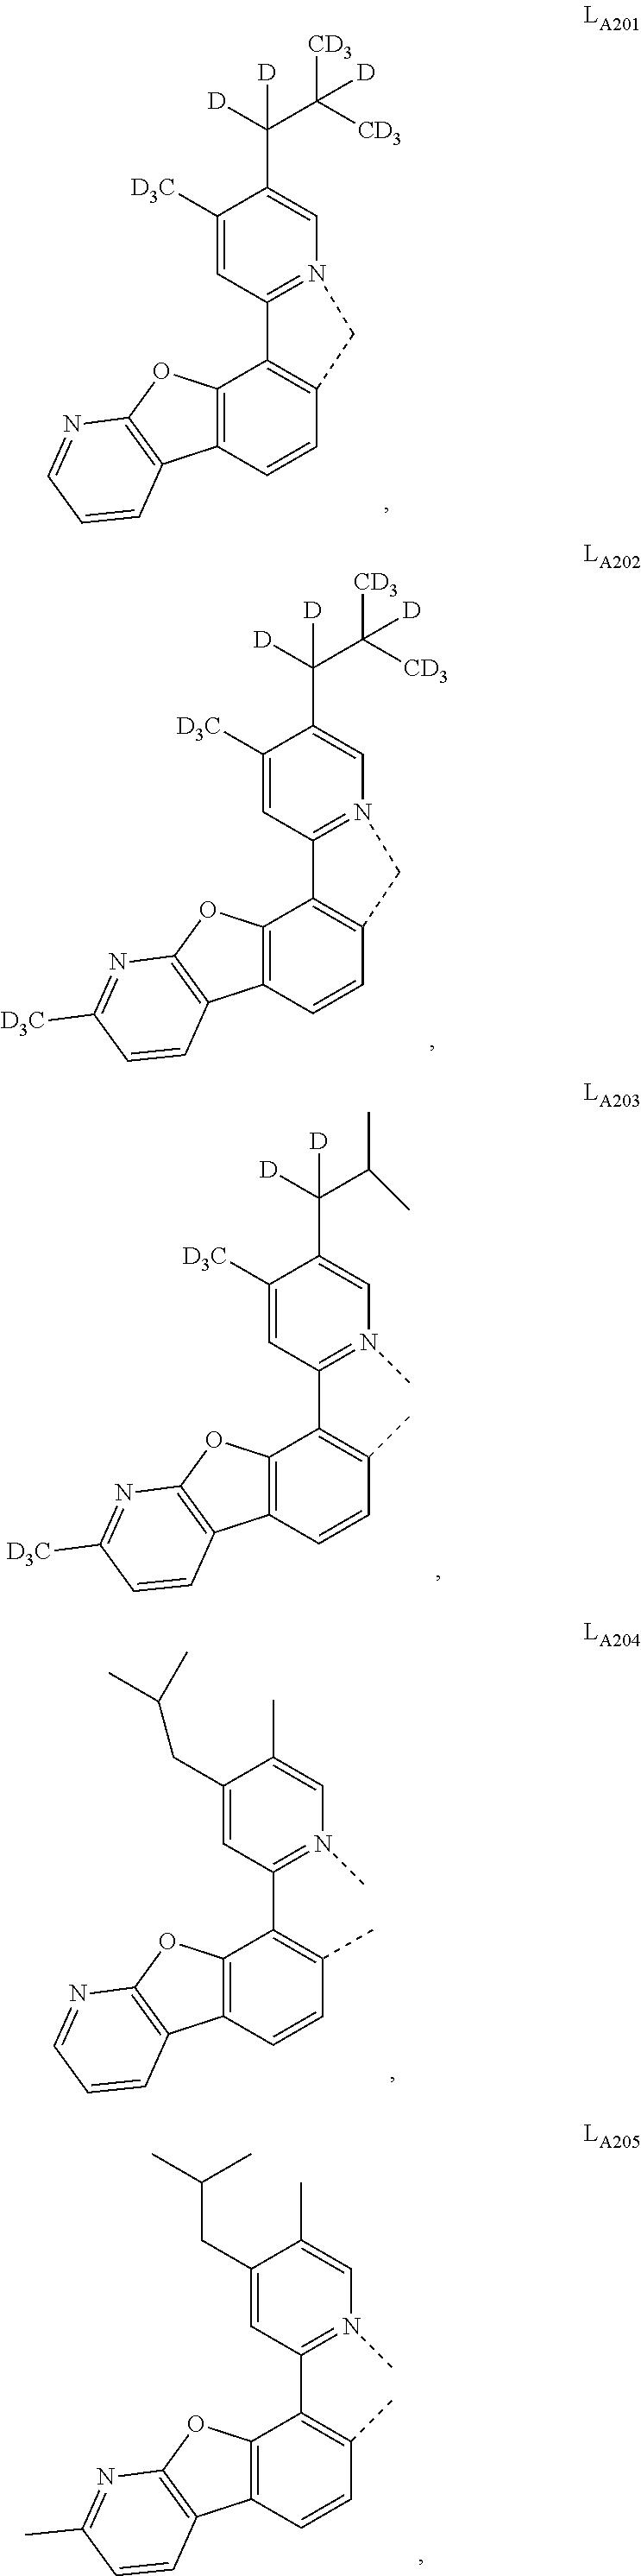 Figure US20160049599A1-20160218-C00442